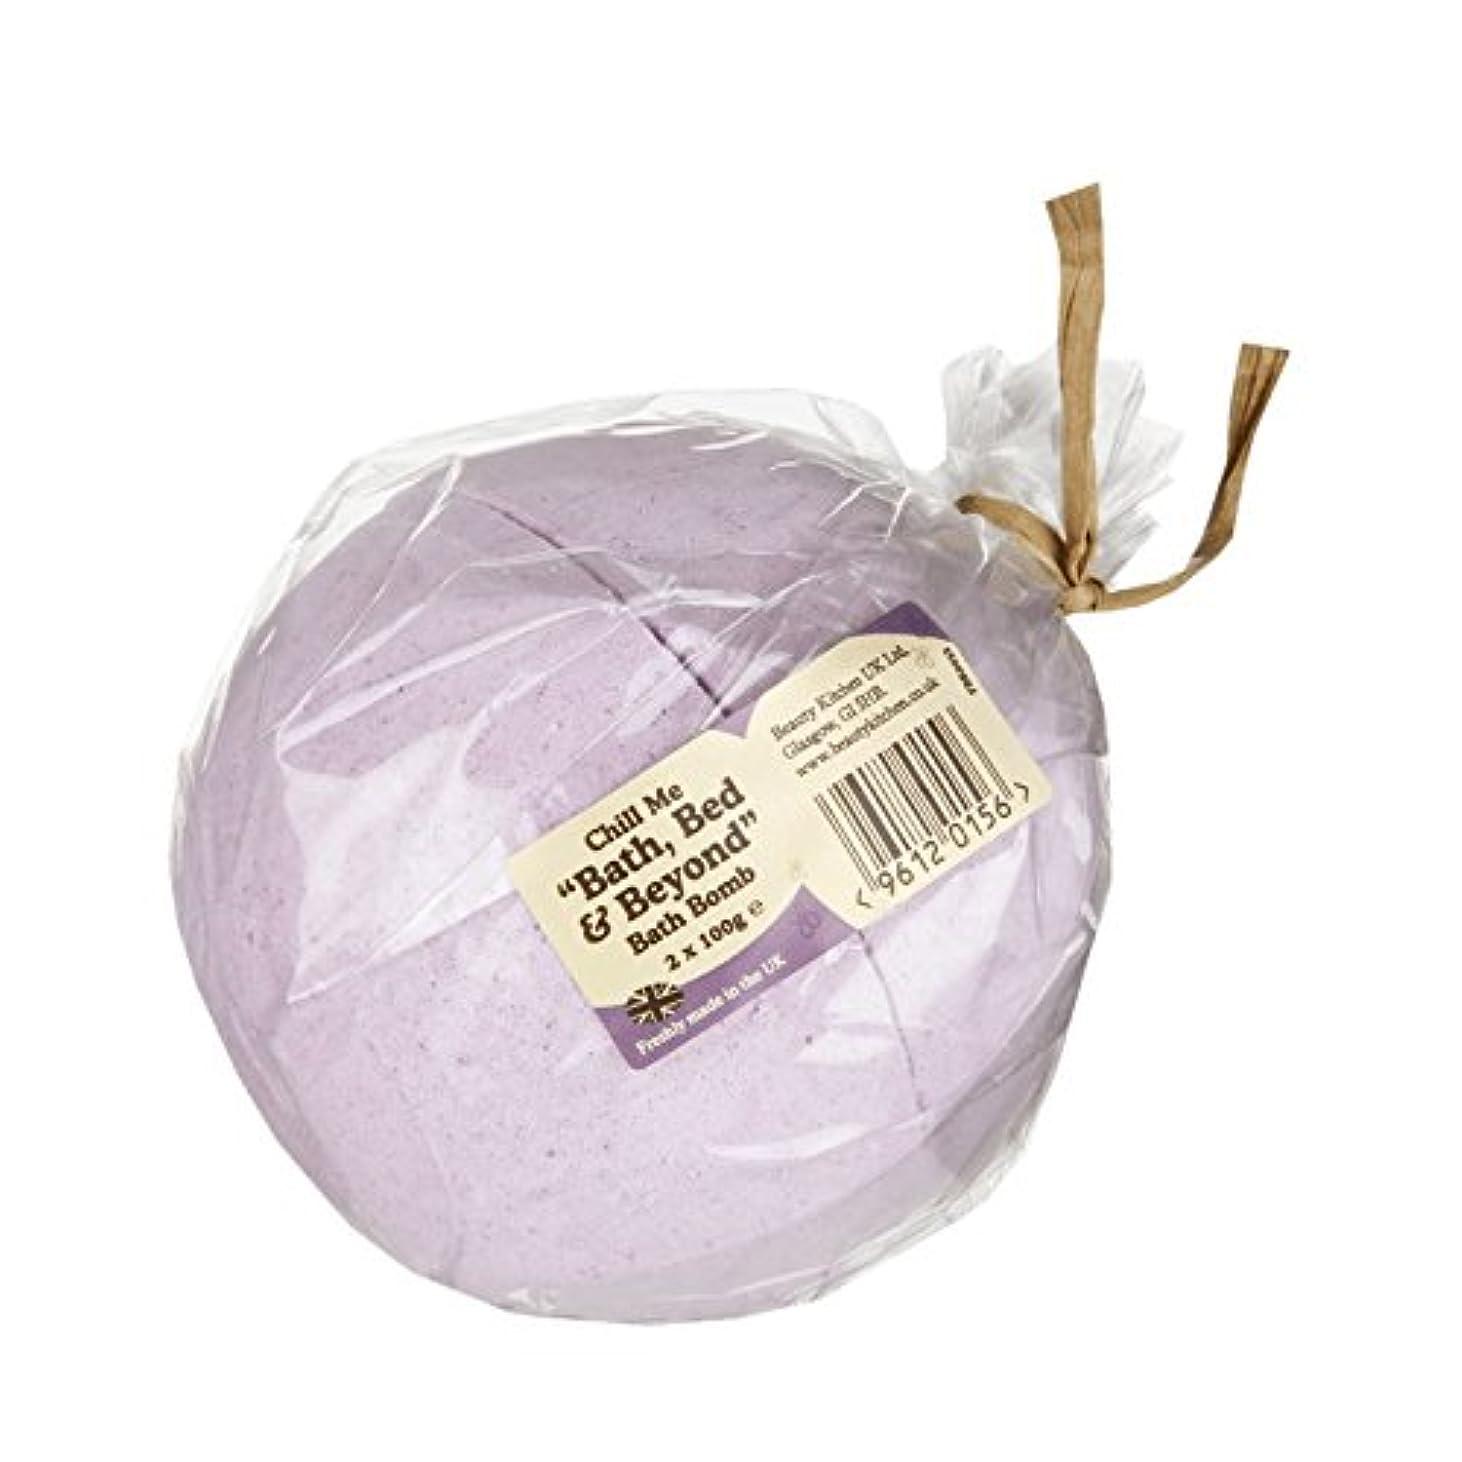 ブラシ夕方増加するBeauty Kitchen Chill Me Bath, Bed & Beyond Bath Bomb 2 x 100g (Pack of 6) - 美しさのキッチンには、バスタブ、ベッド&バス爆弾2×100グラムを超...